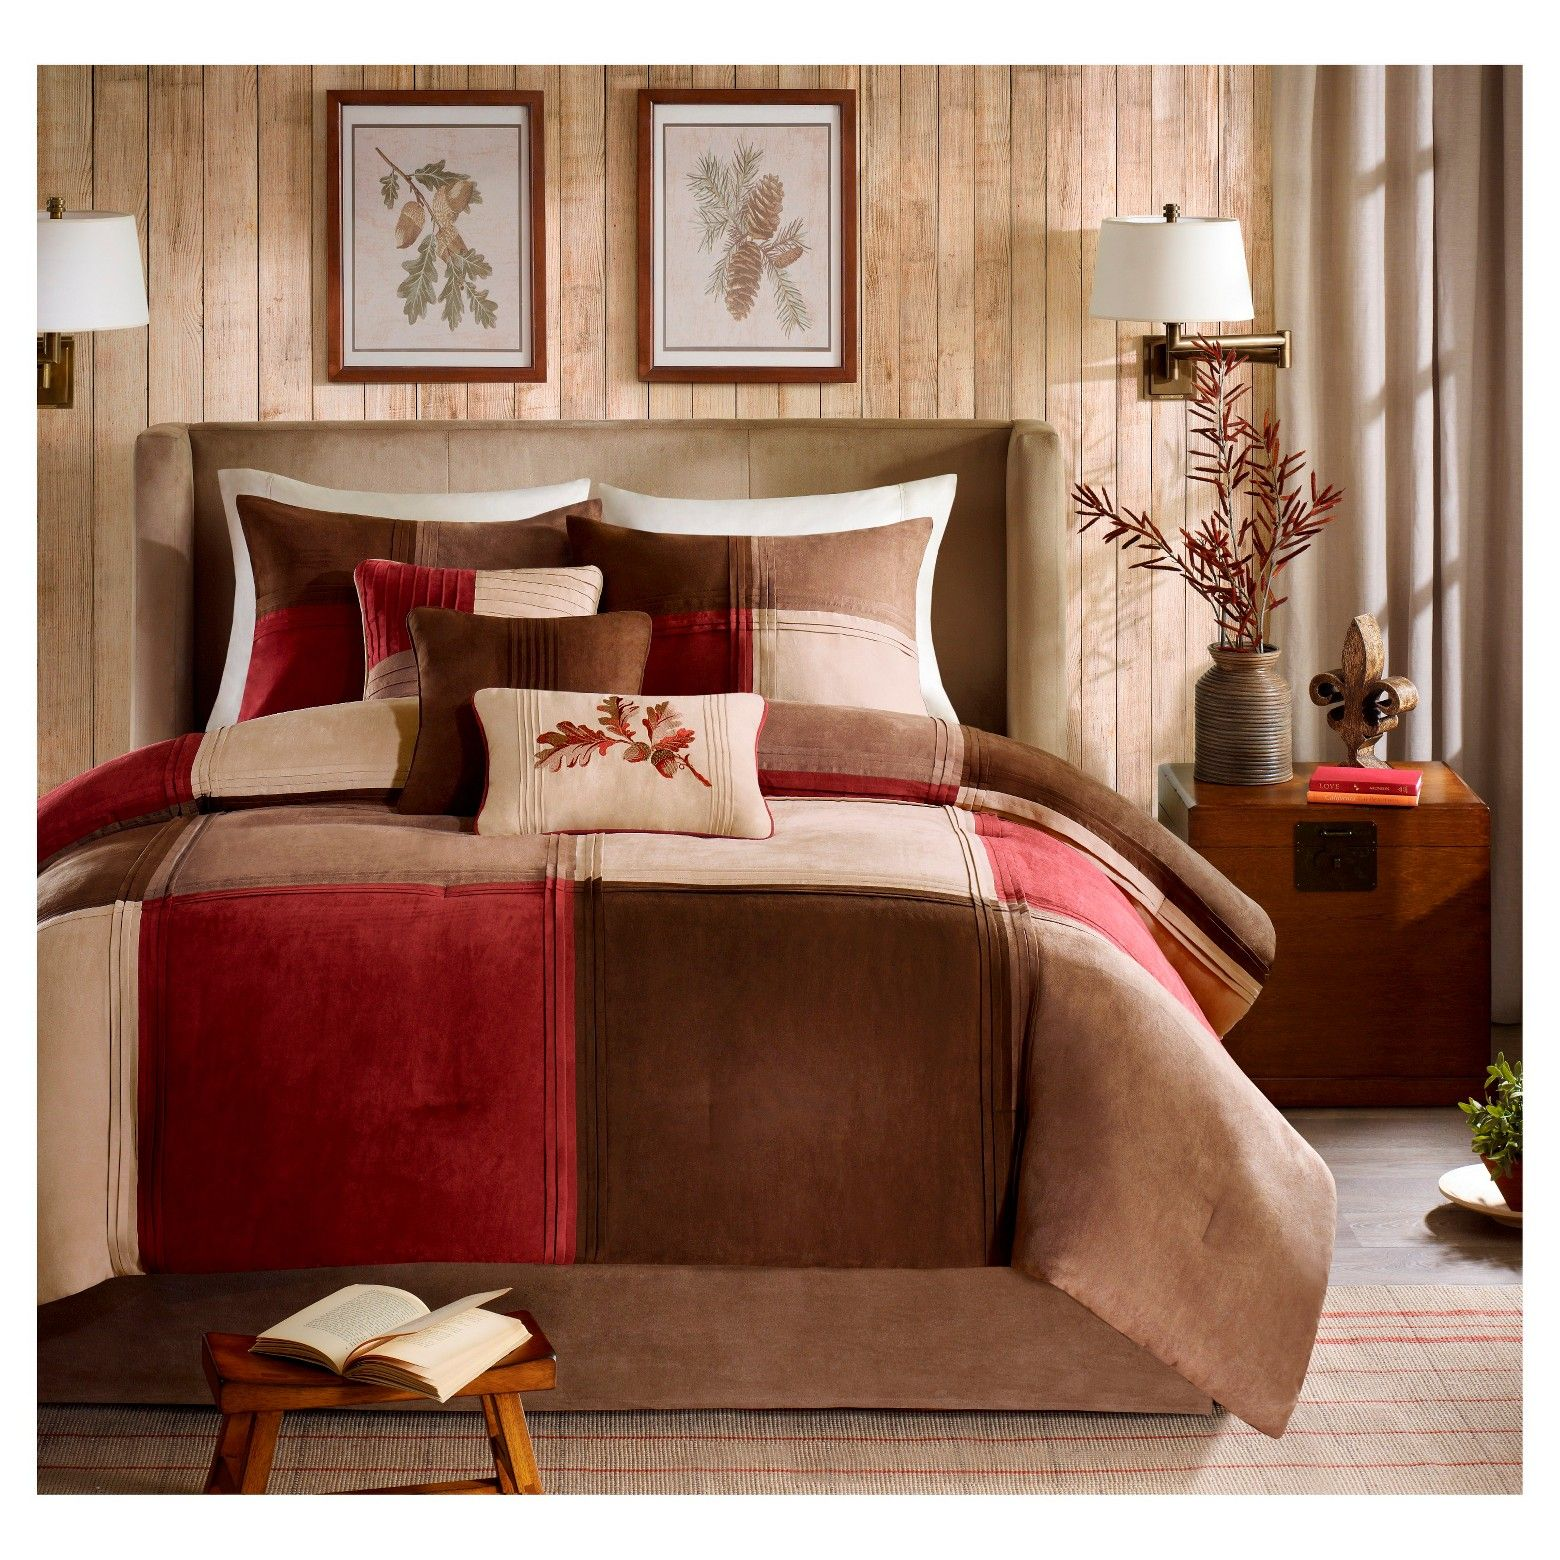 Warren 7 Piece Microsuede Comforter Set Comforter Sets Bed Comforter Sets Comfortable Bedroom